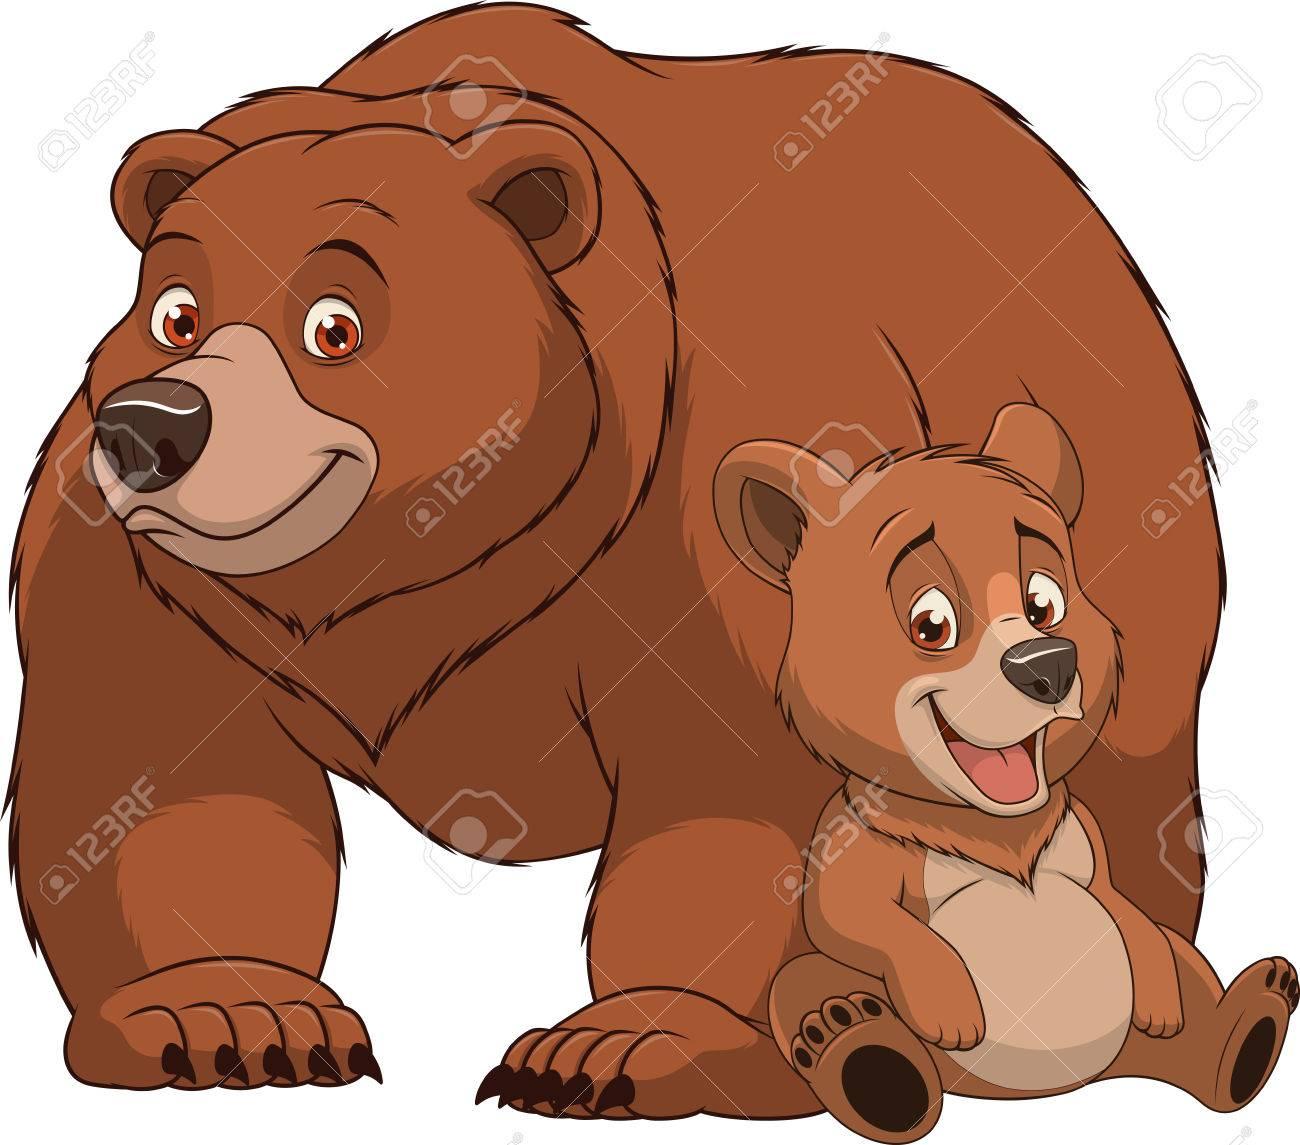 イラスト面白いエキゾチックな動物クマ家族 ロイヤリティフリークリップ